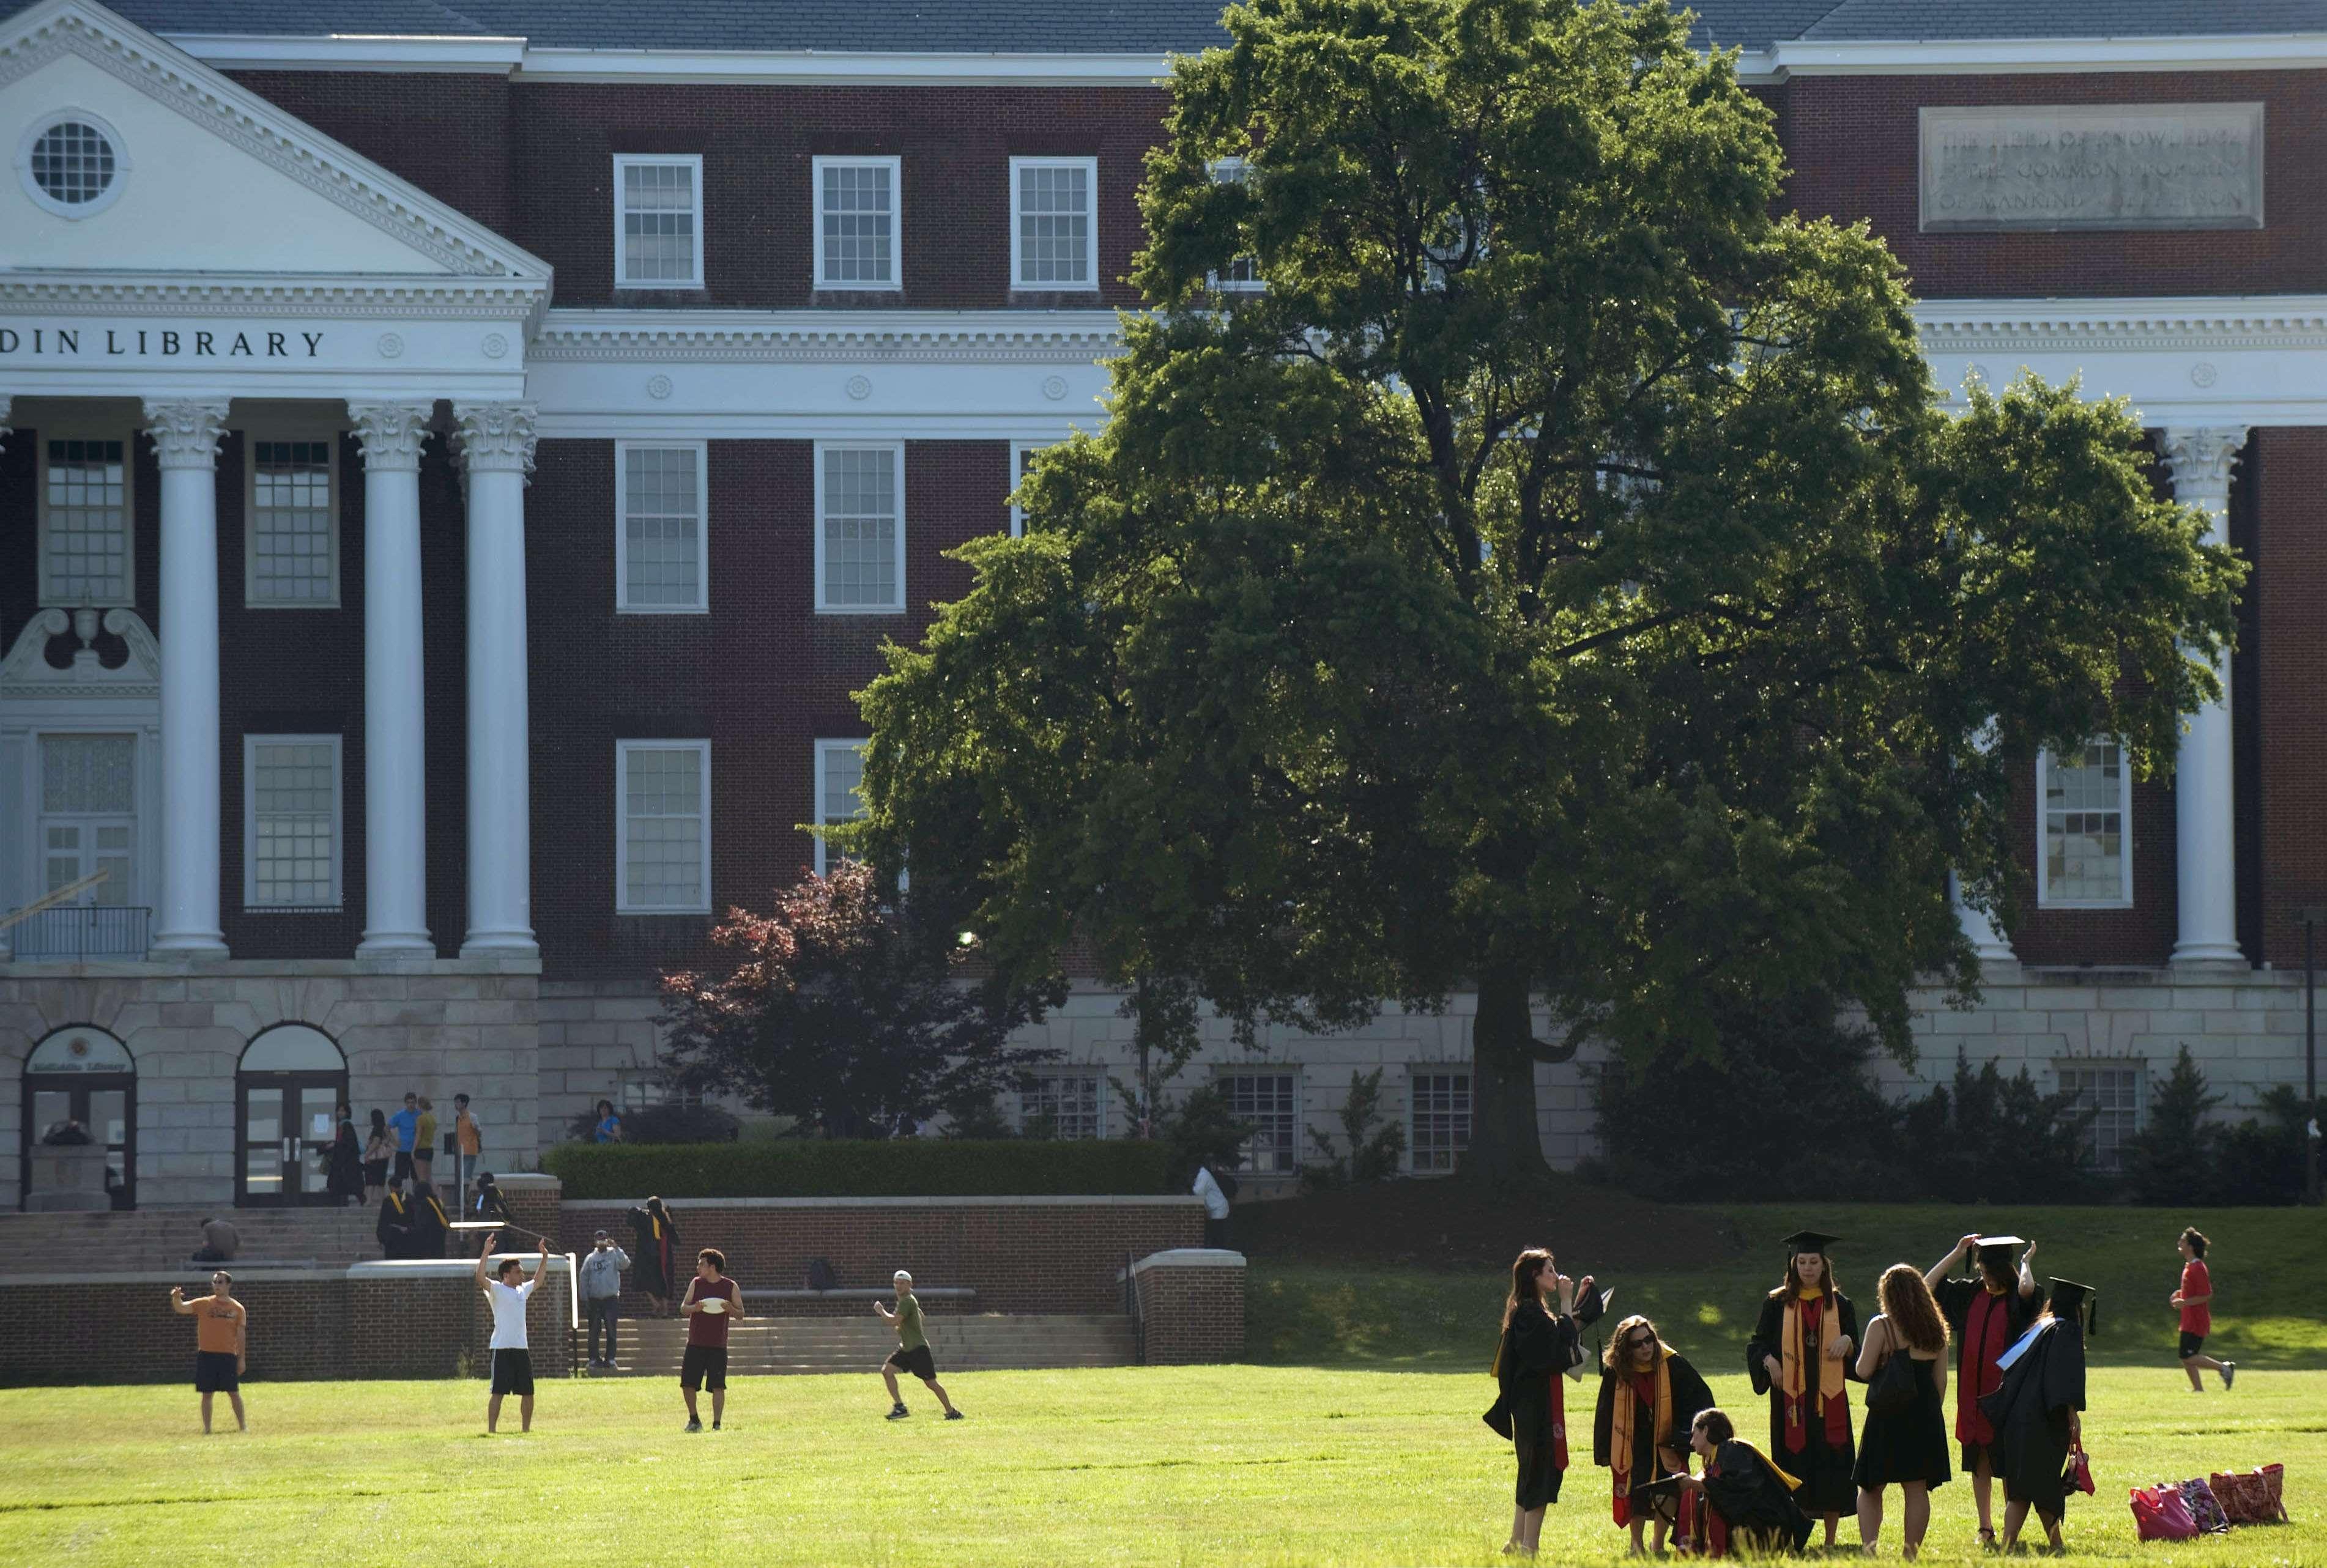 इस संस्थान में एक साथ 9 विश्विधायालयों की डिग्री कर सकते हैं आप